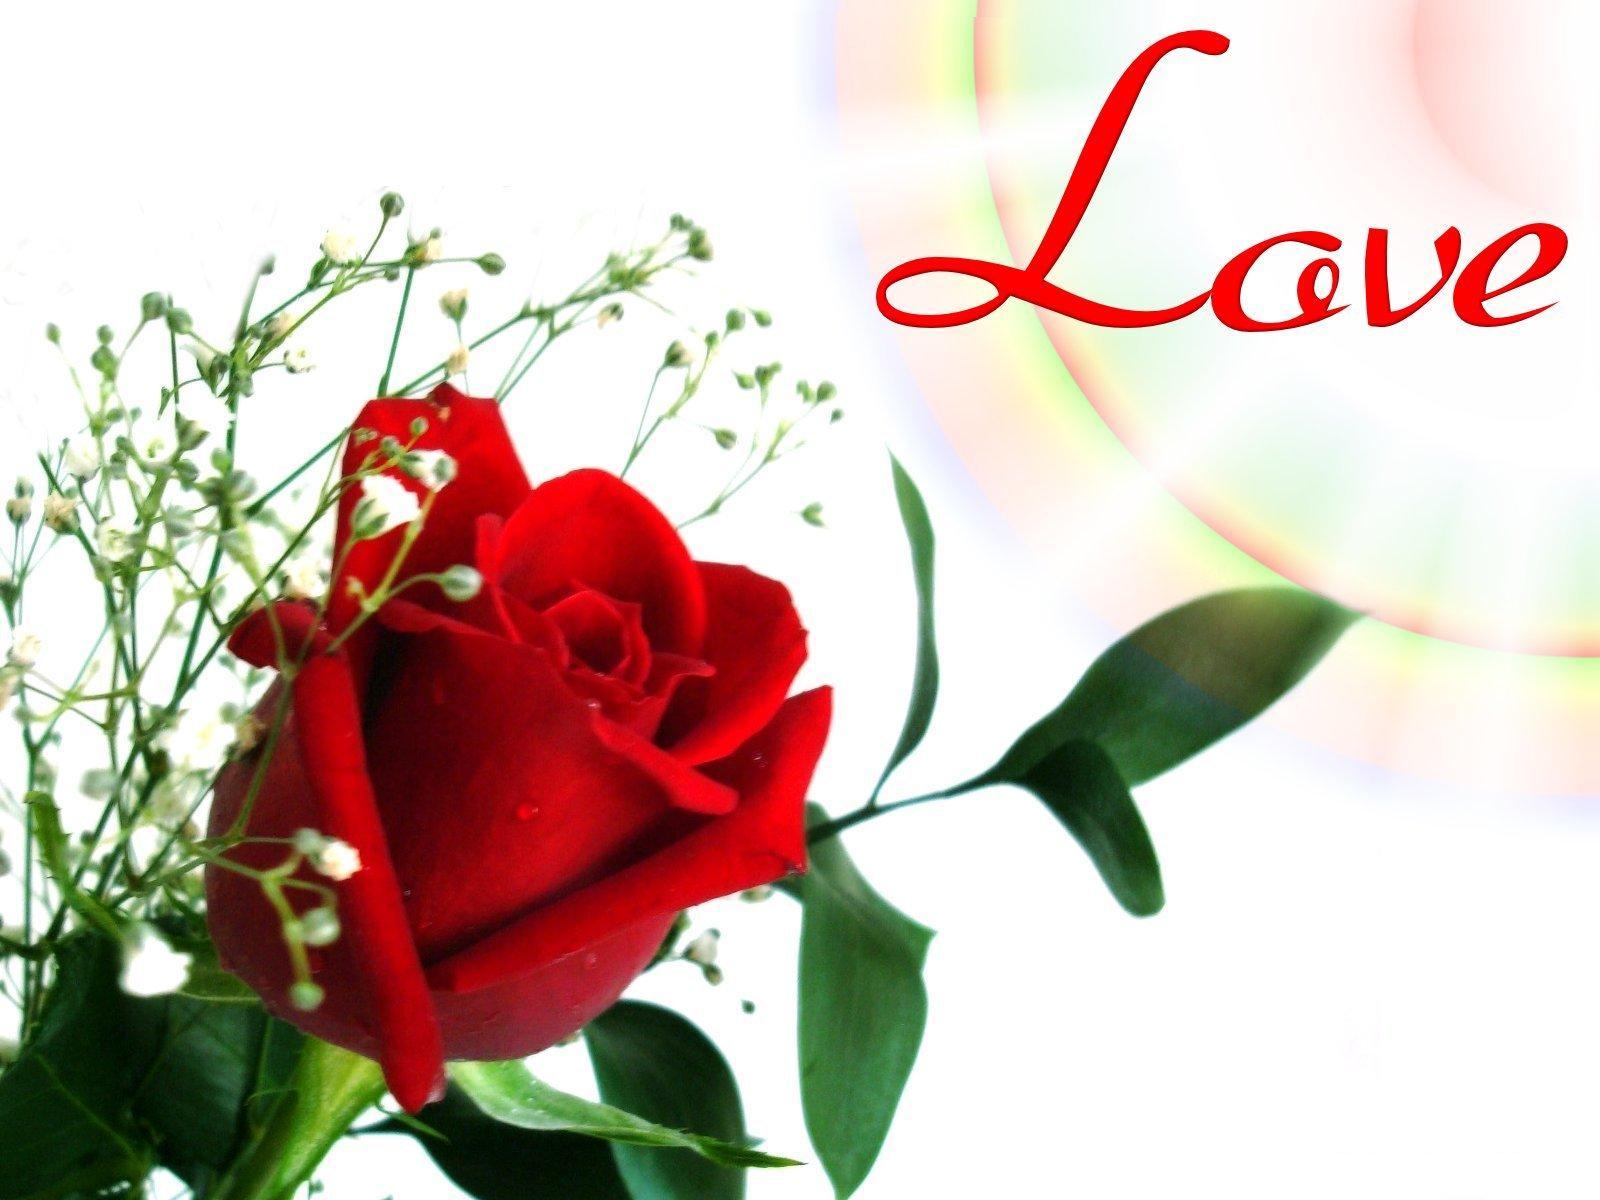 love rose wallpaper,flower,red,garden roses,valentine's day,petal